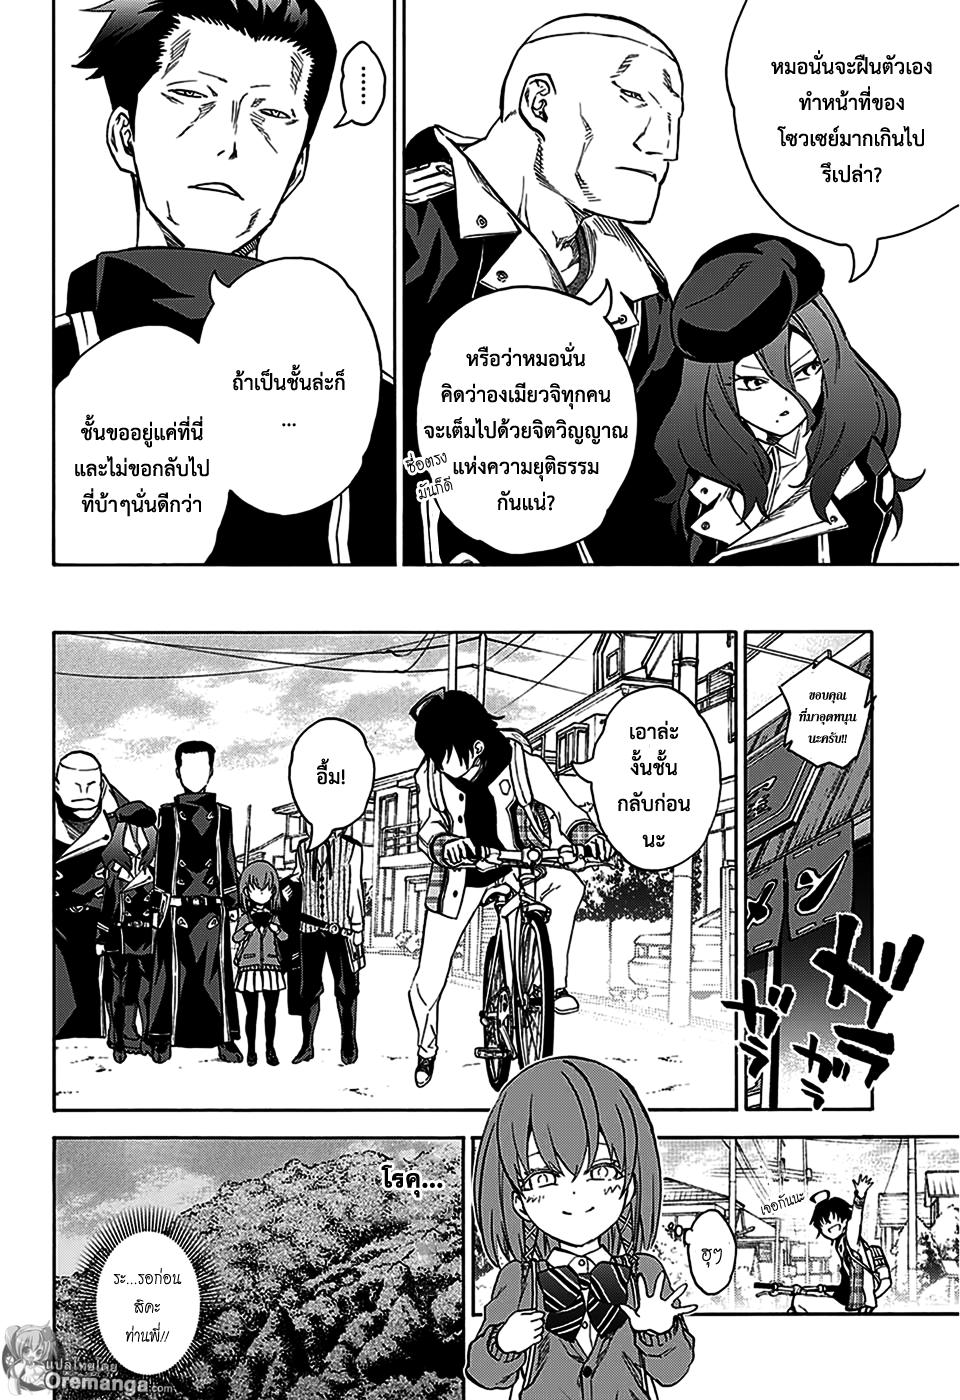 อ่านการ์ตูน Sousei no Onmyouji ตอนที่ 23 หน้าที่ 16